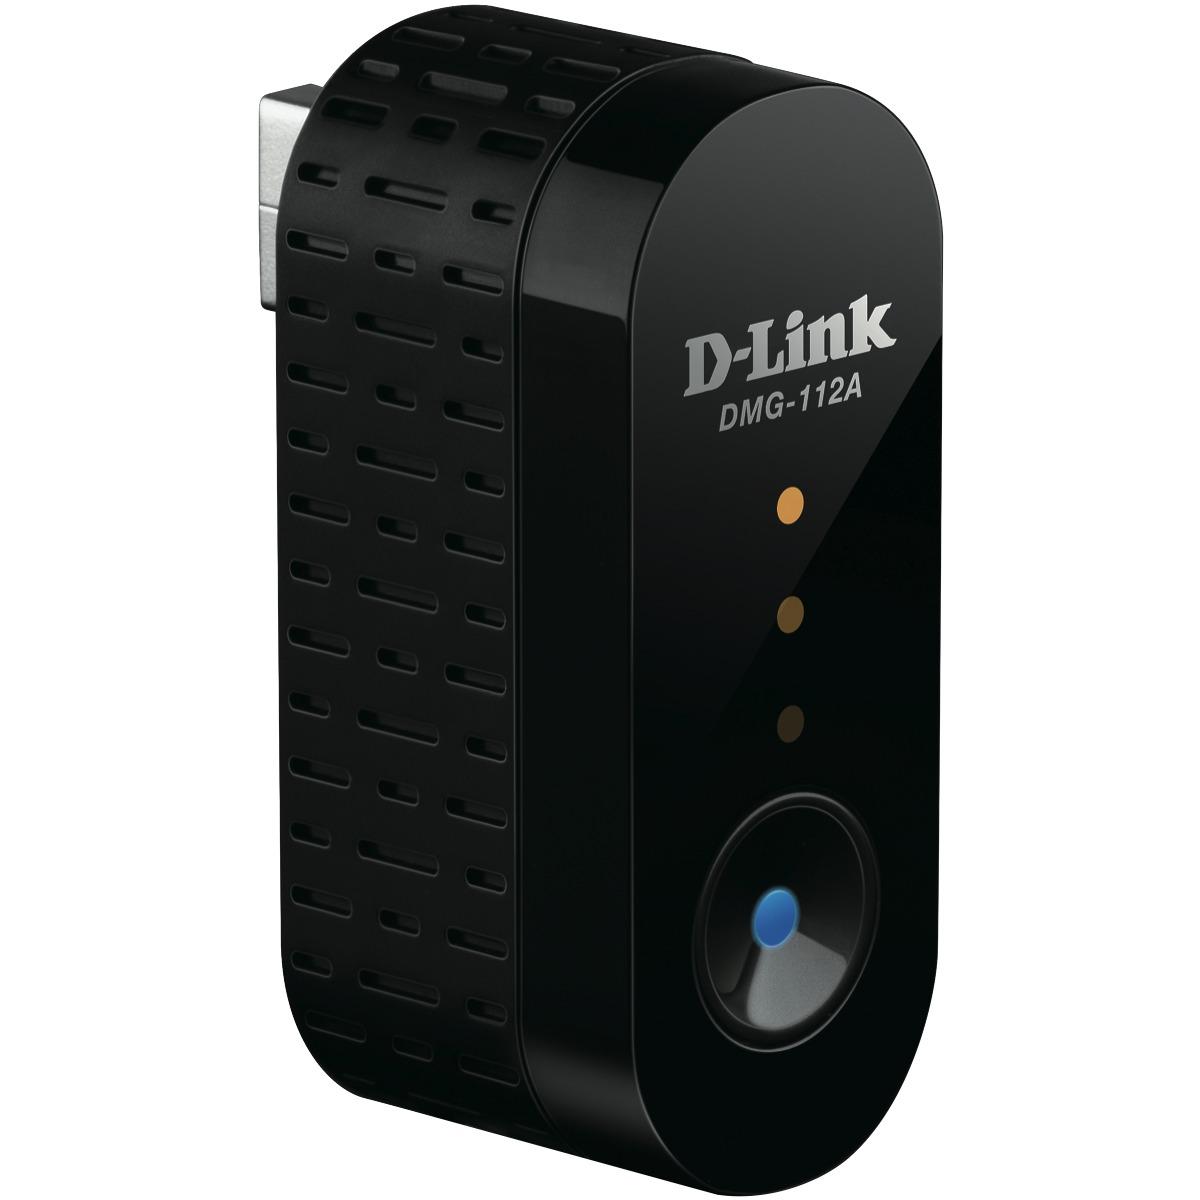 D-LINK DMG-112A Wireless Range Extender